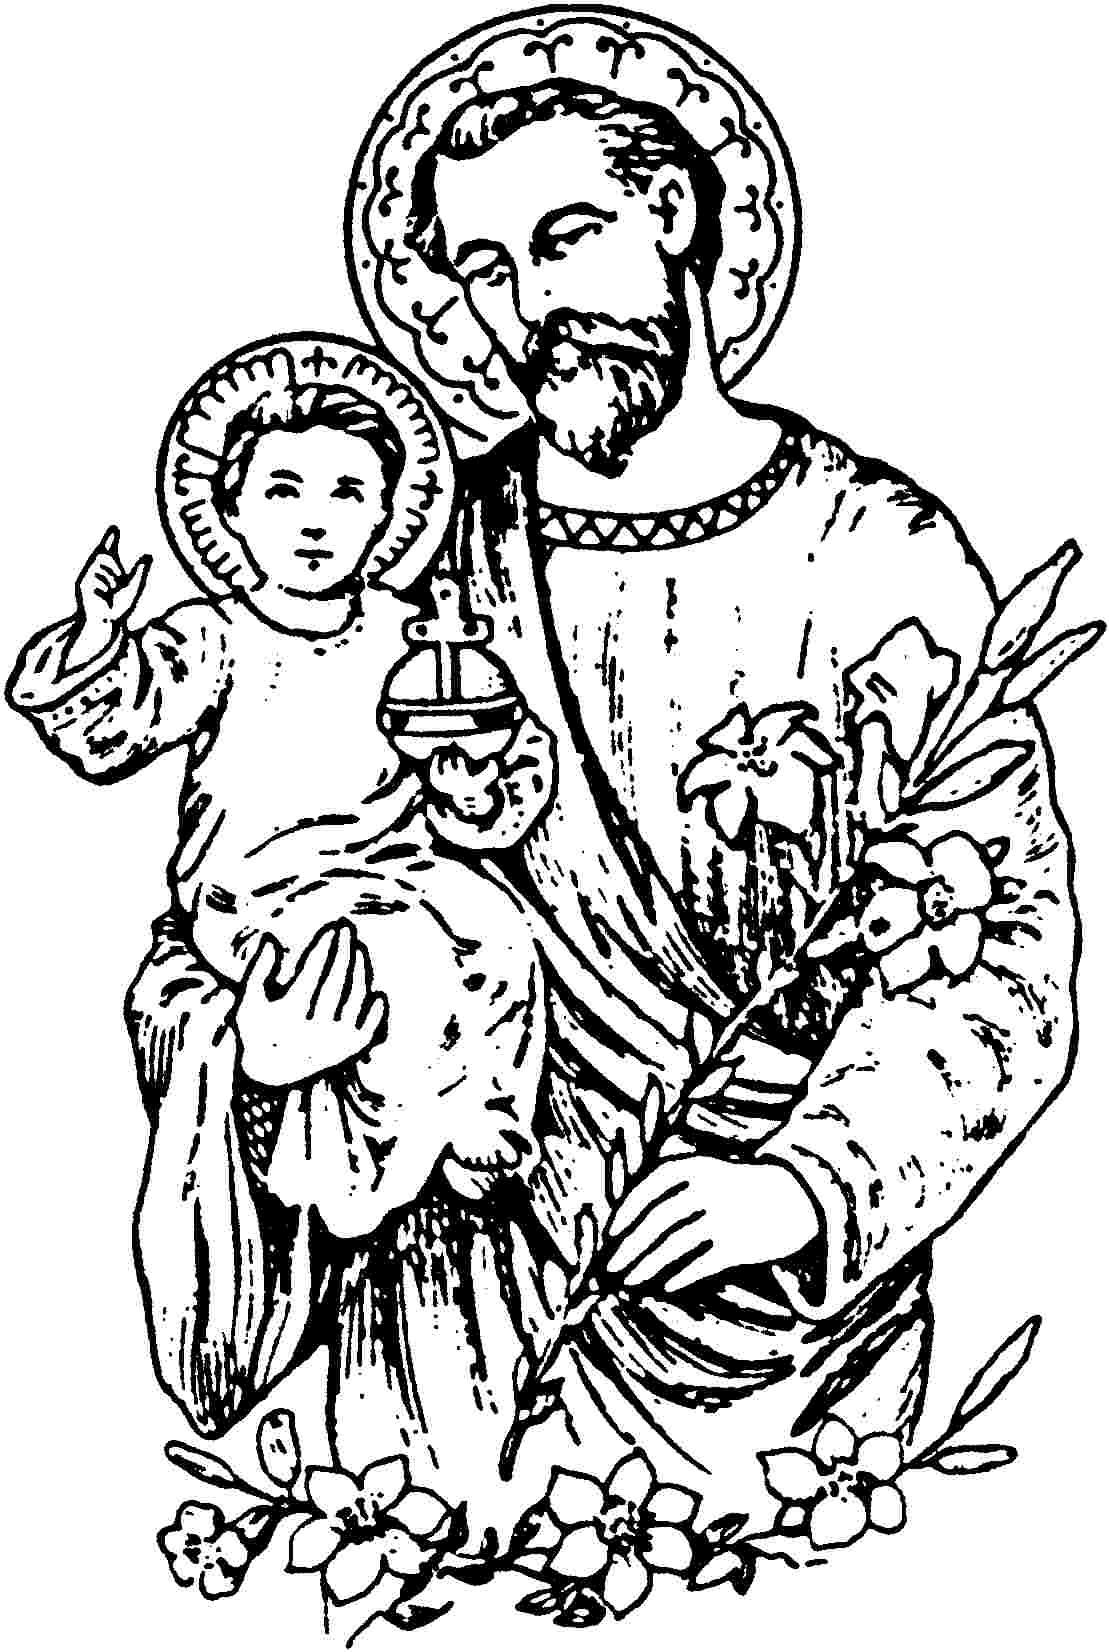 Joseph Coloring Pages Pdf : St joseph death coloring page saint